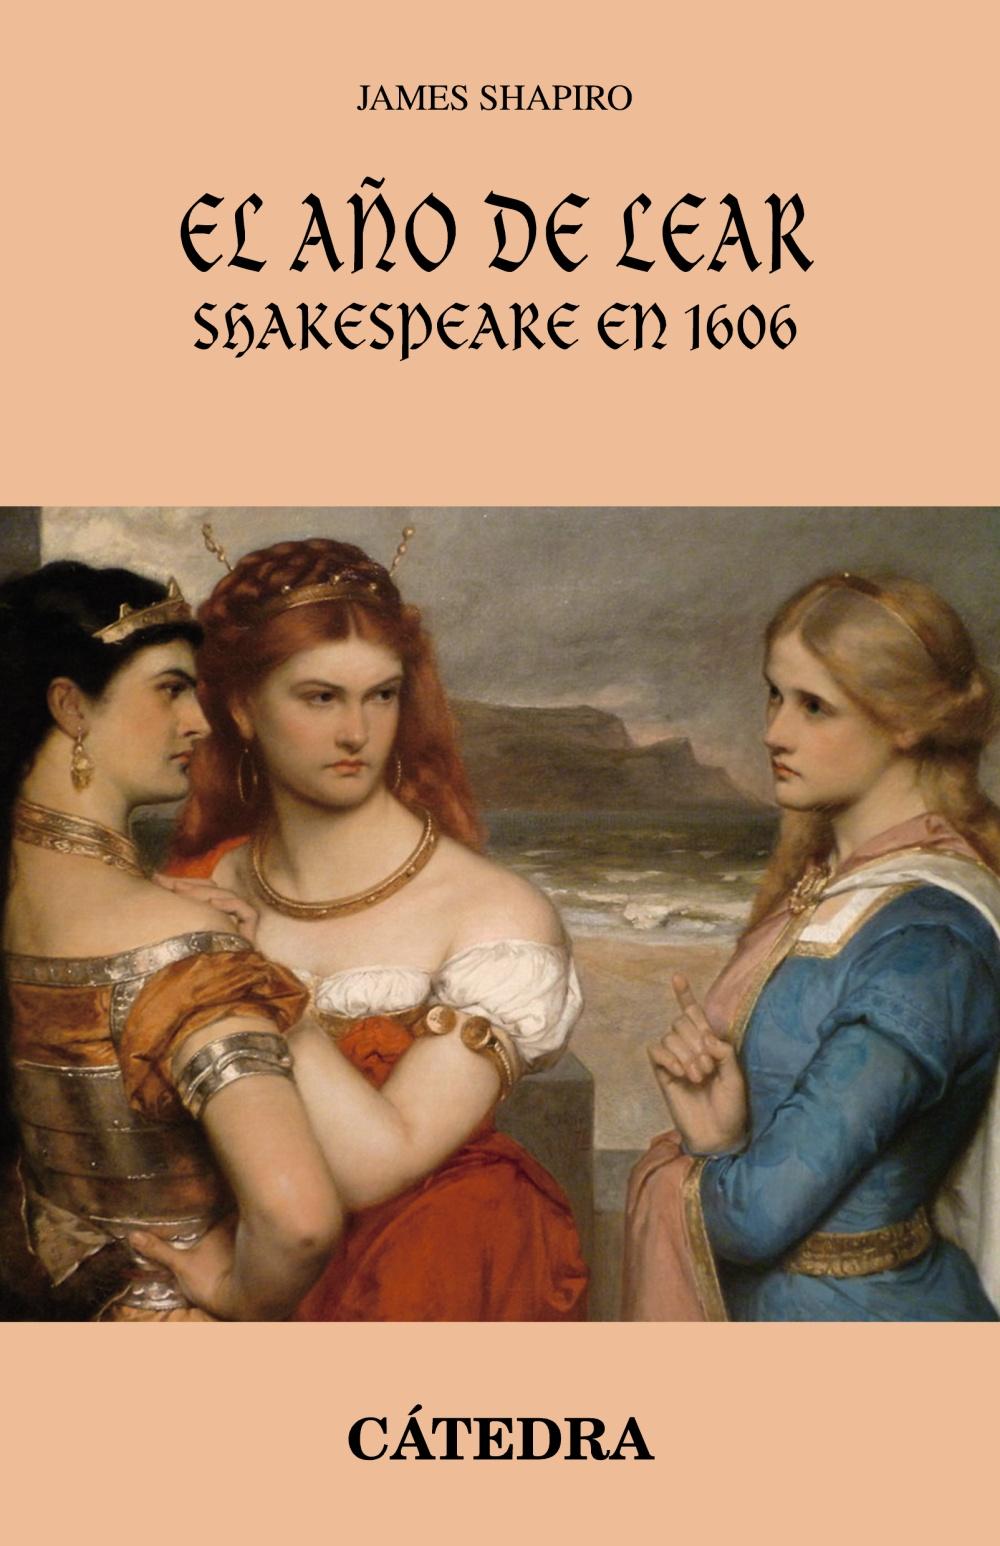 EL AÑO DE LEAR. SHAKESPEARE EN 1606